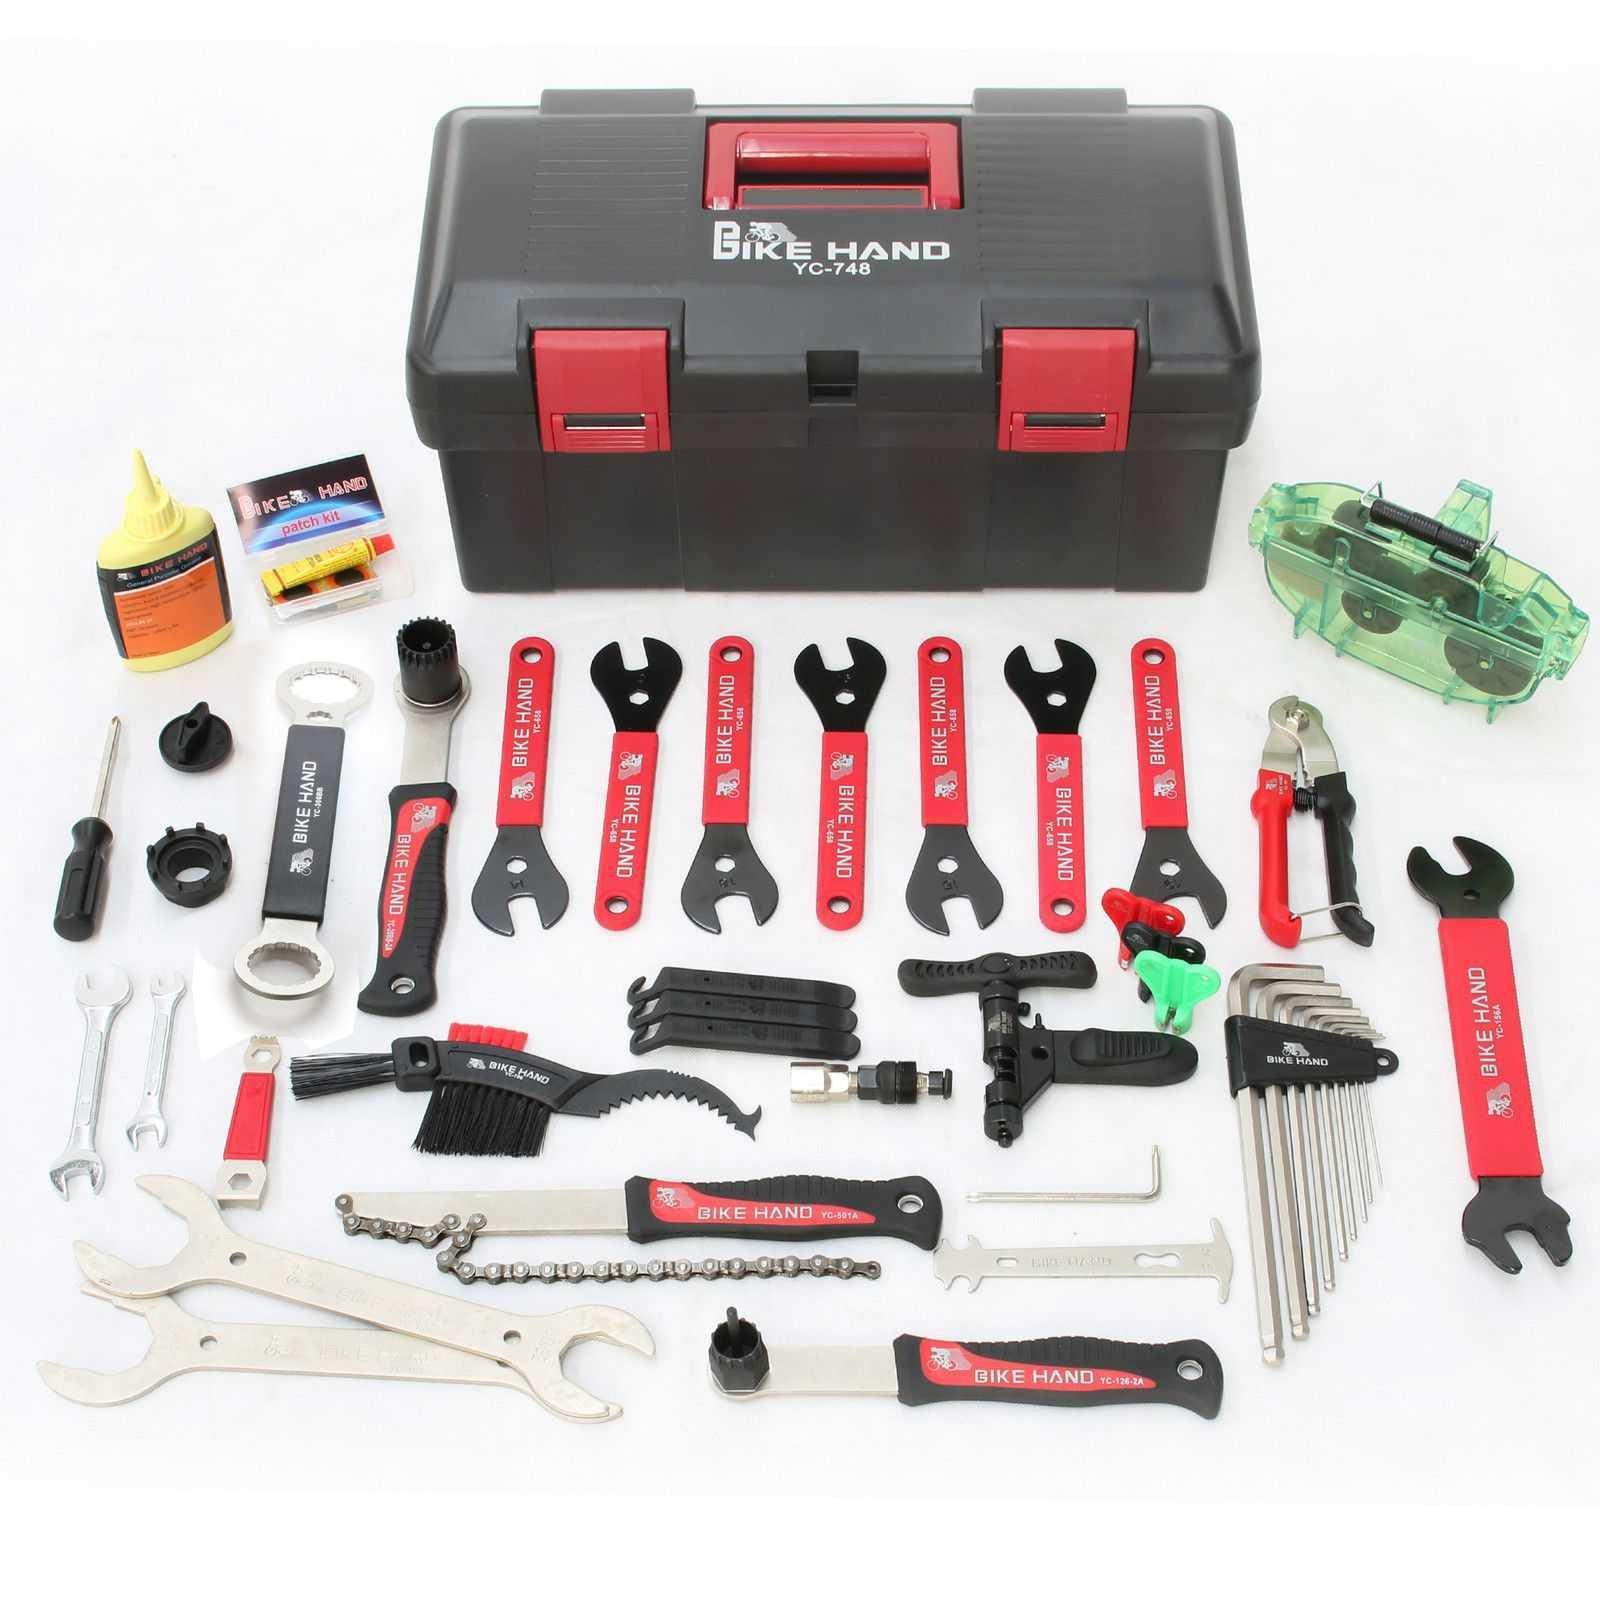 BIKEHAND Complete Bike Bicycle Repair Tools Tool Kit by Bikehand (Image #1)